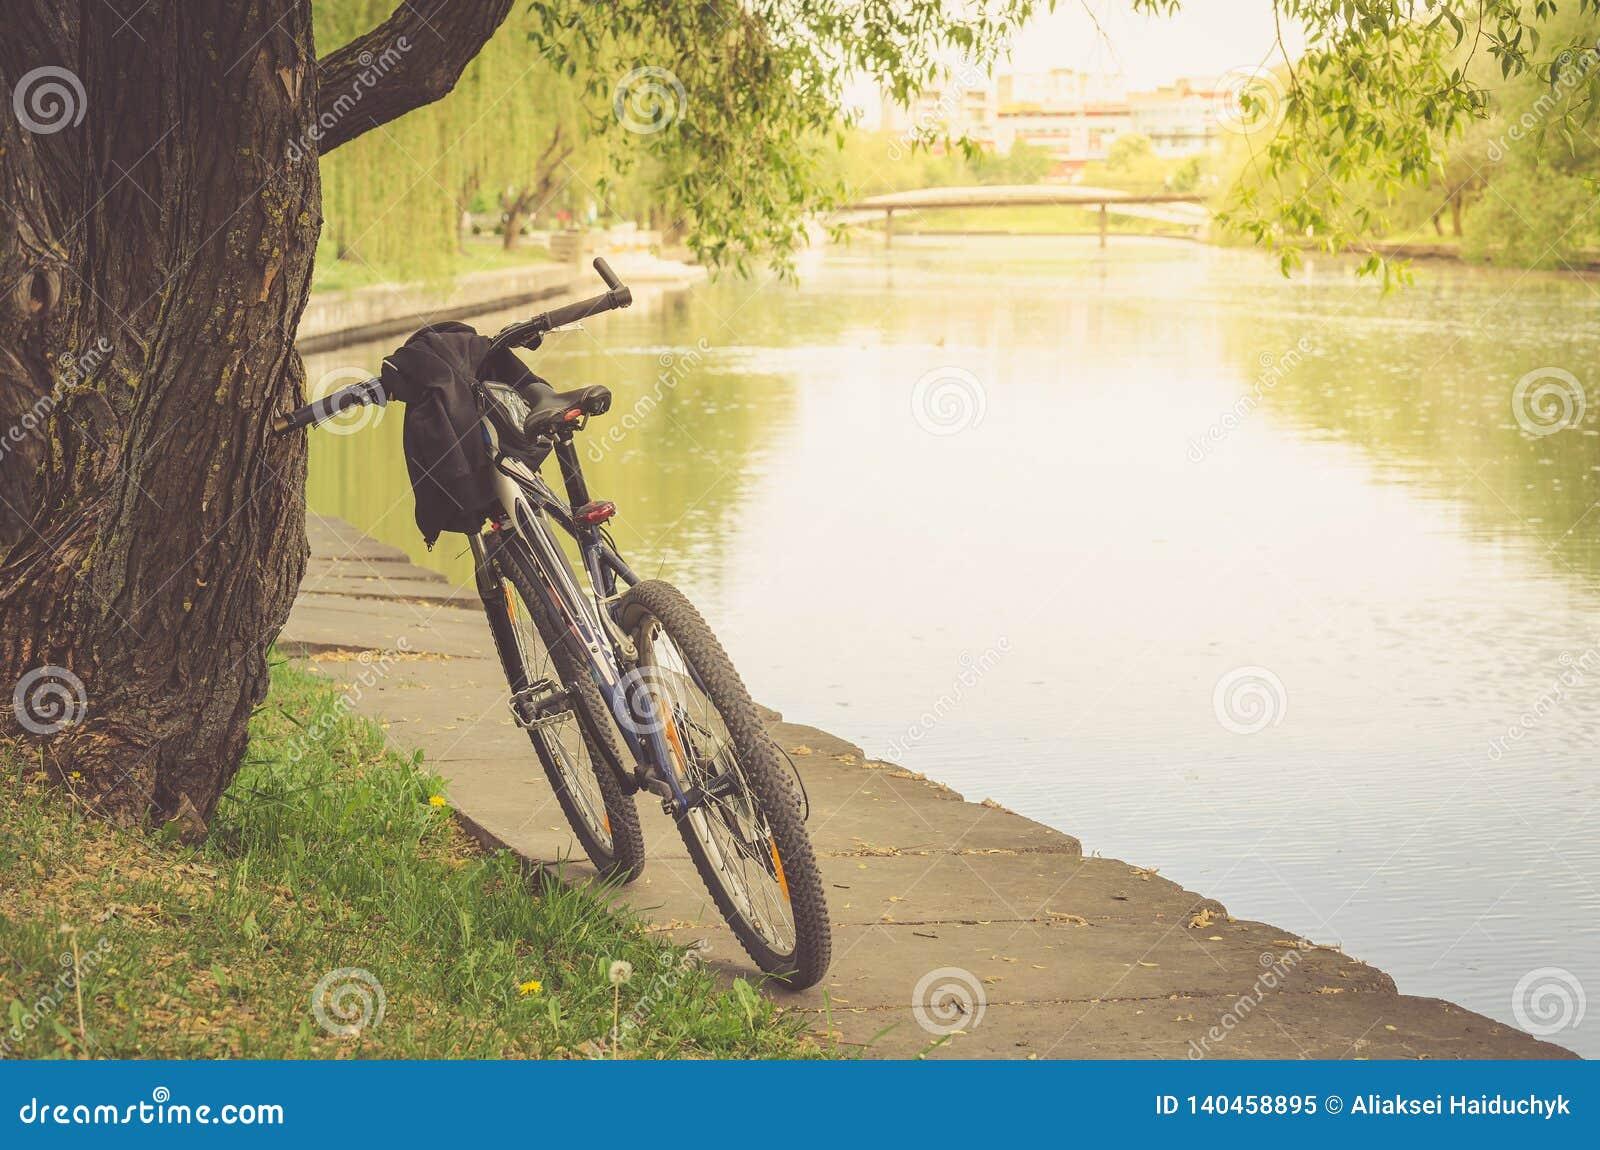 Διαδρομή ποδηλάτων στο πάρκο κοντά στον ποταμό/περίπατος με το ποδήλατο κοντά στον ποταμό